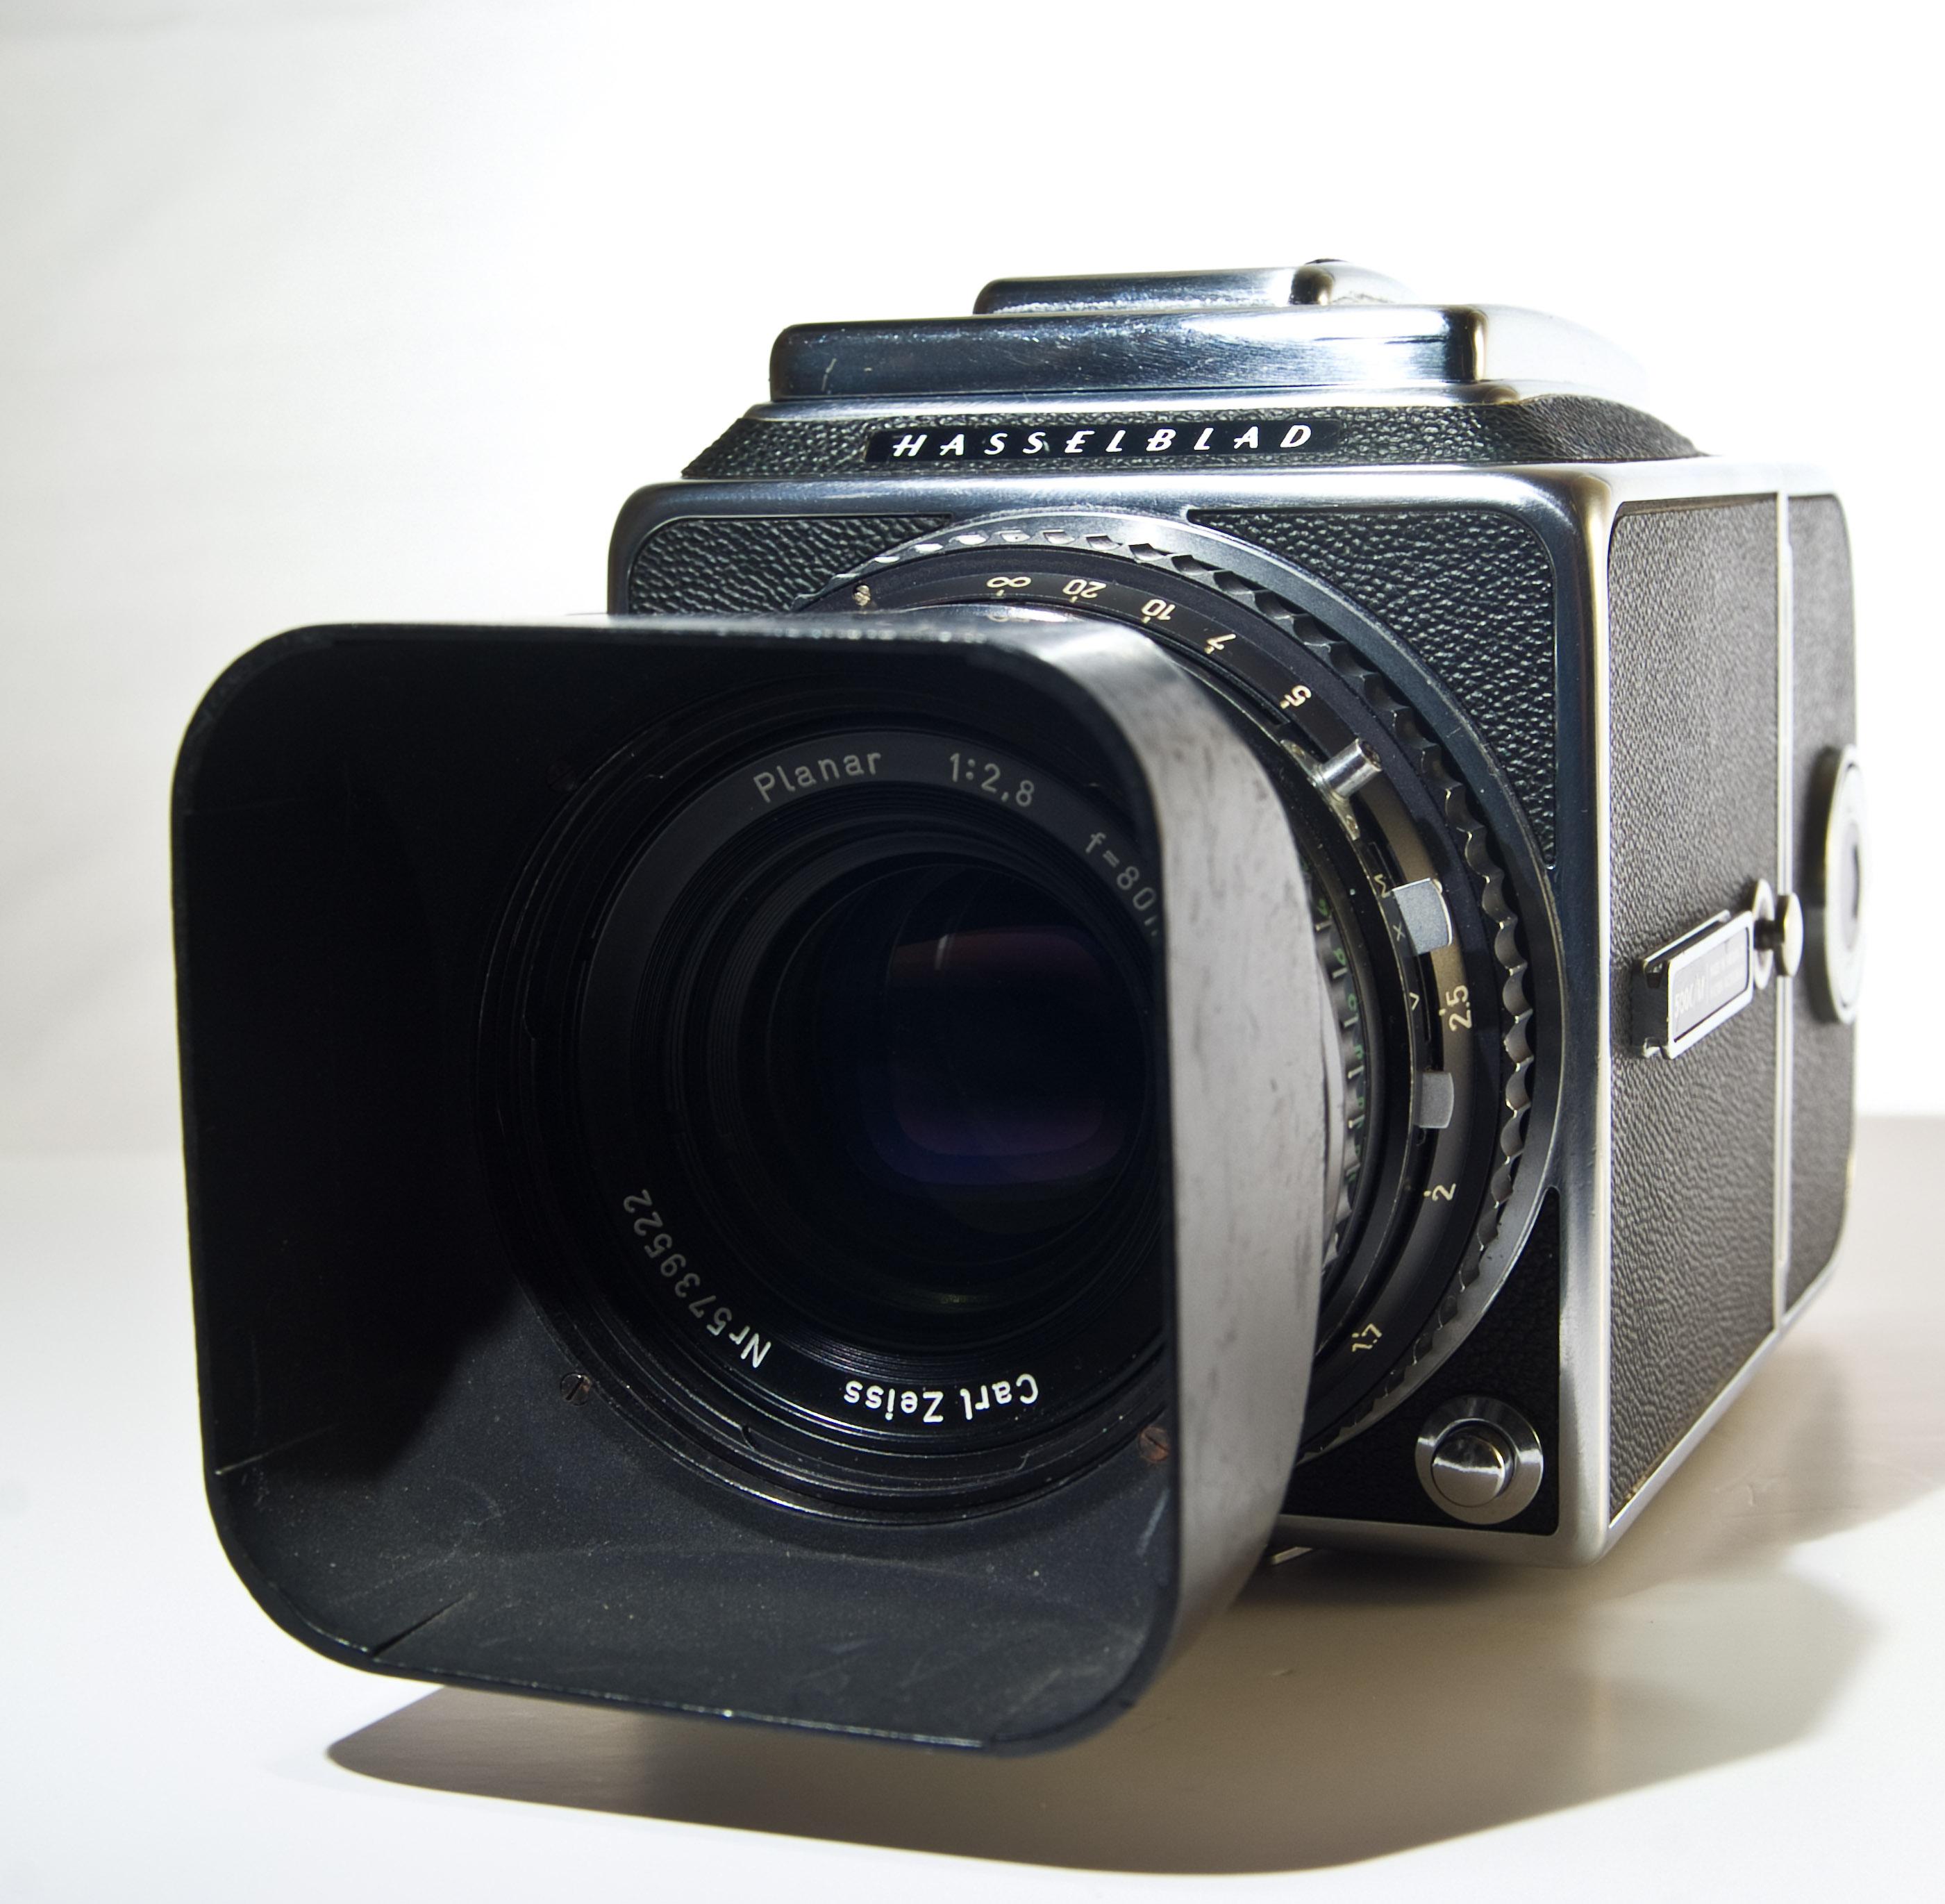 Foto & Camcorder Sonstige Hasselblad 100 Polaroidrückwand Eine Lange Historische Stellung Haben